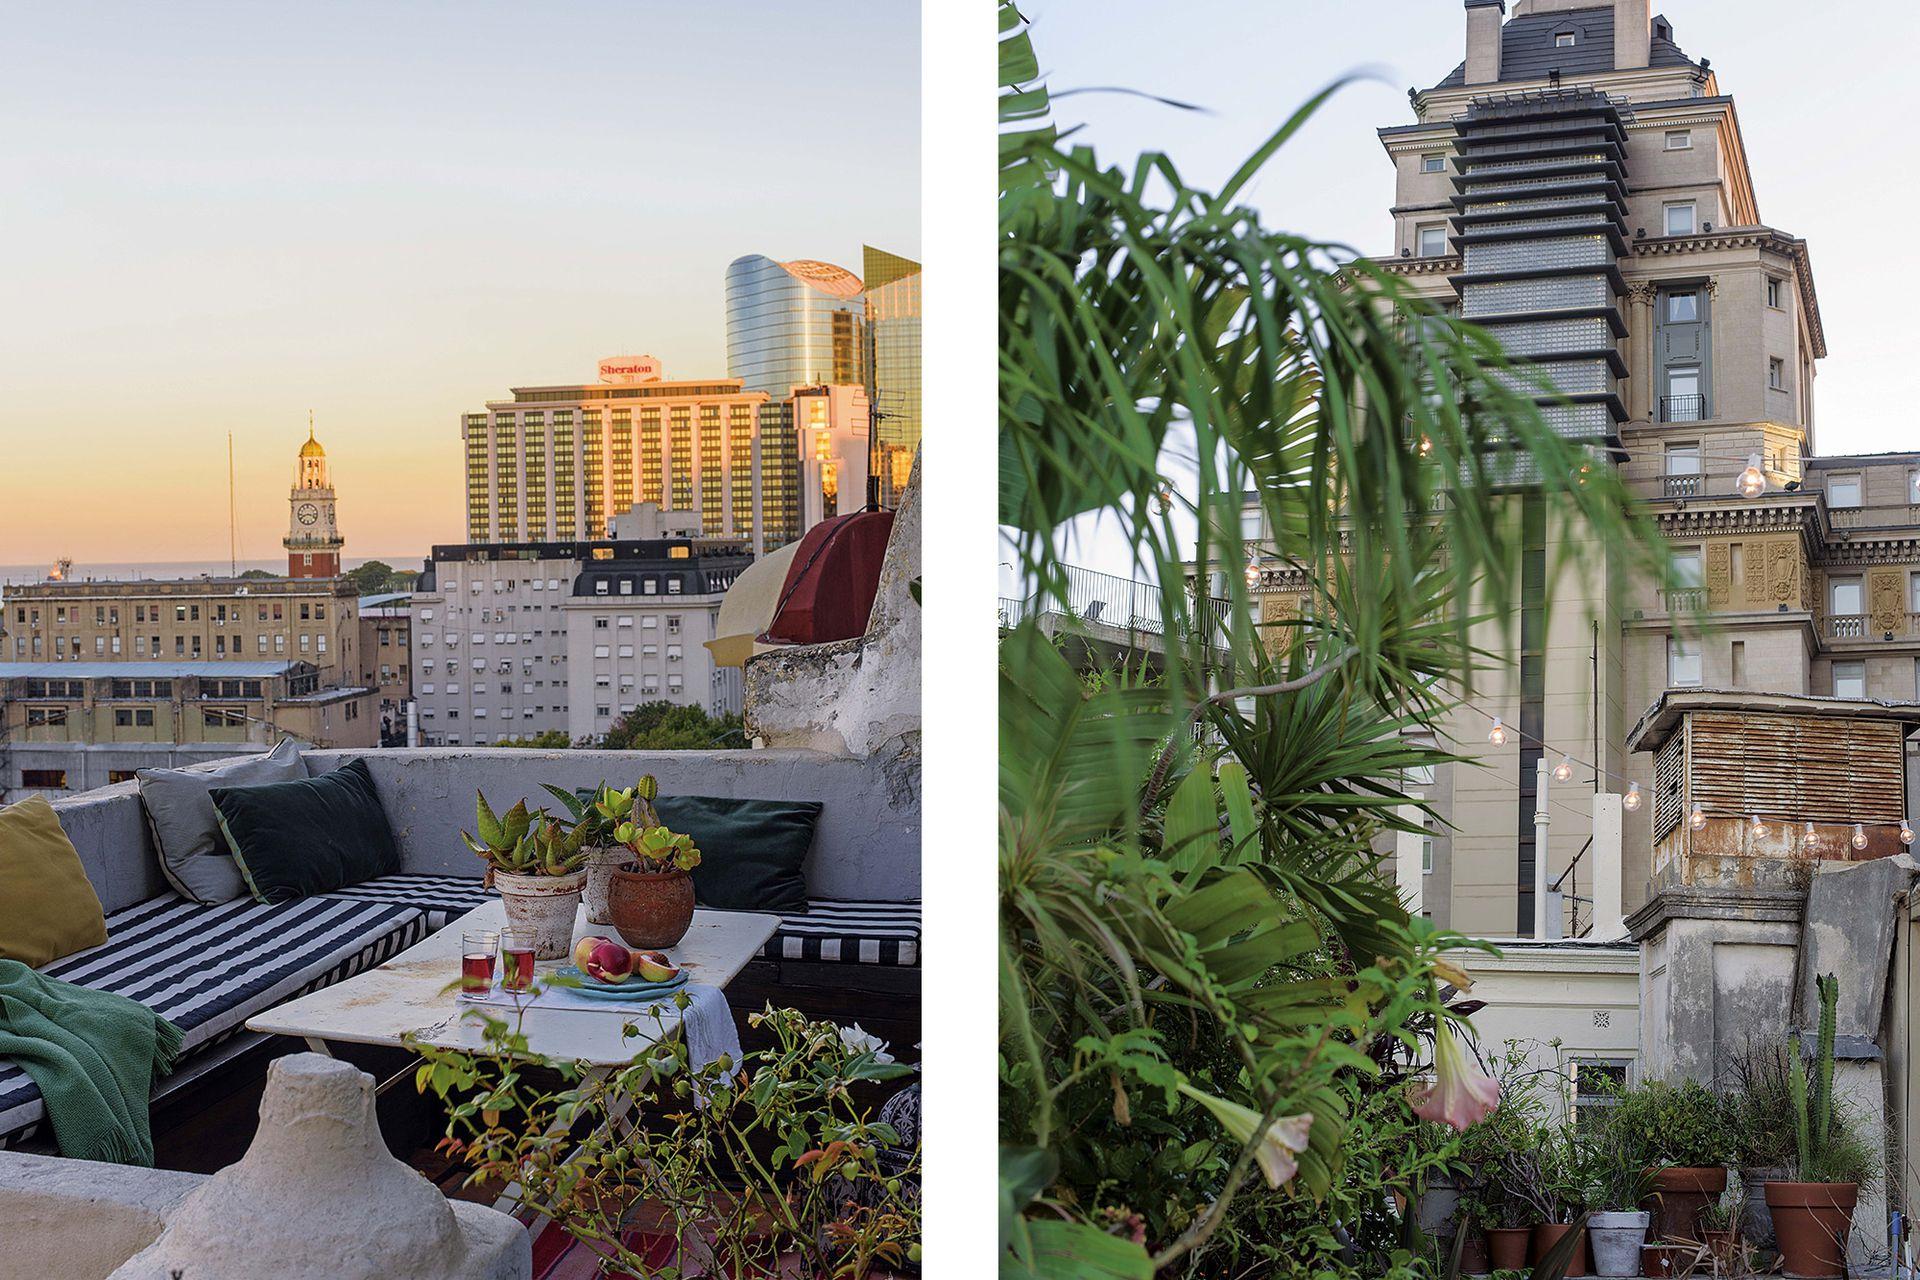 Desde la alegre informalidad de la terraza, vista a la Torre de los Ingleses y a la Torre Mihanovich.